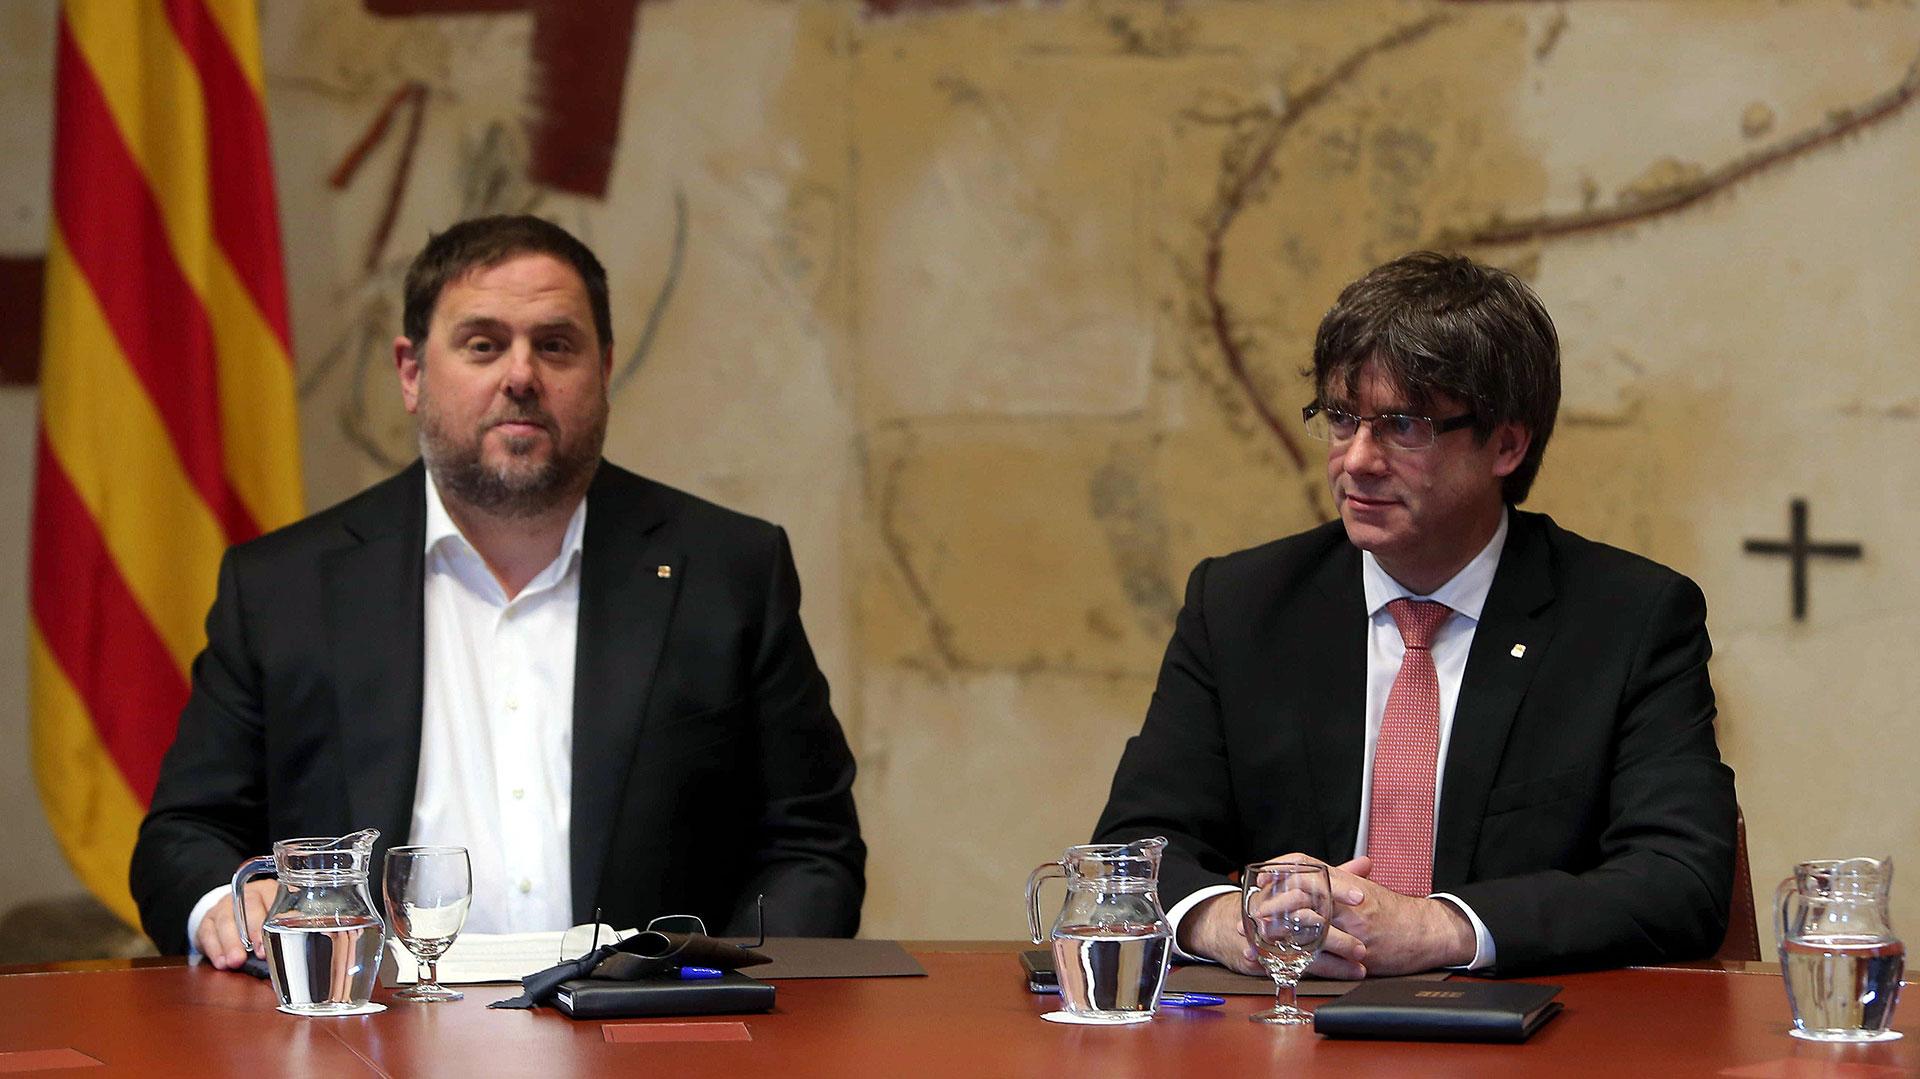 El ex presidente de la Generalitat, Carles Puigdemont, junto al ex vicepresidente catalán, Oriol Junqueras (EFE)